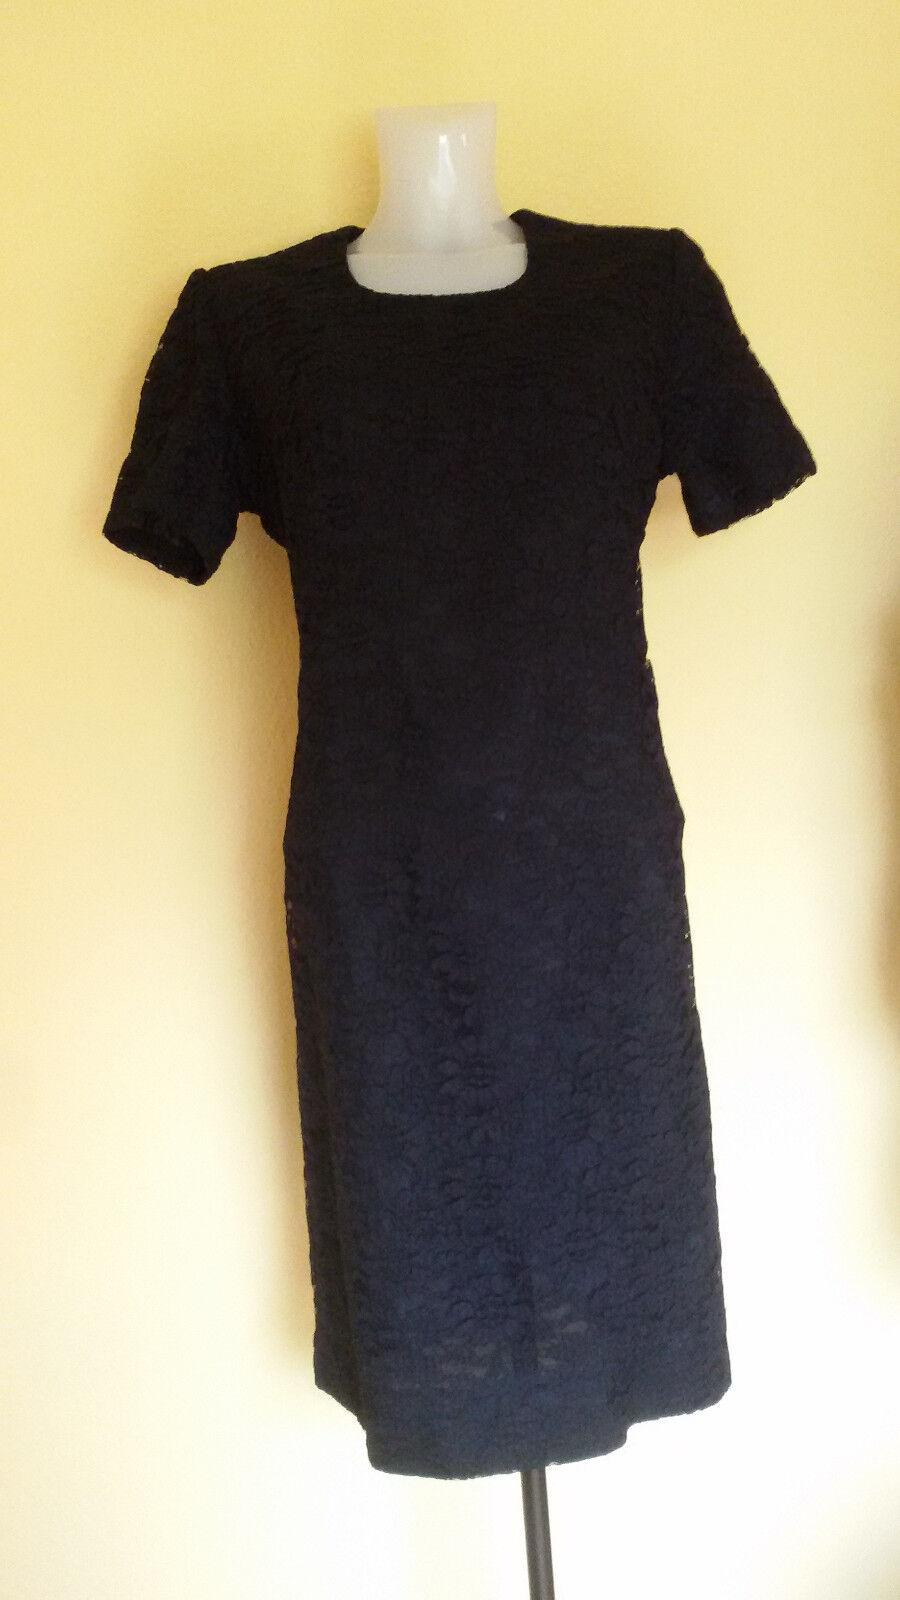 Kleid Damenkleid schwarz, Spitze, edel, Größe 40 Kurzarm gefüttert 50er Jahre